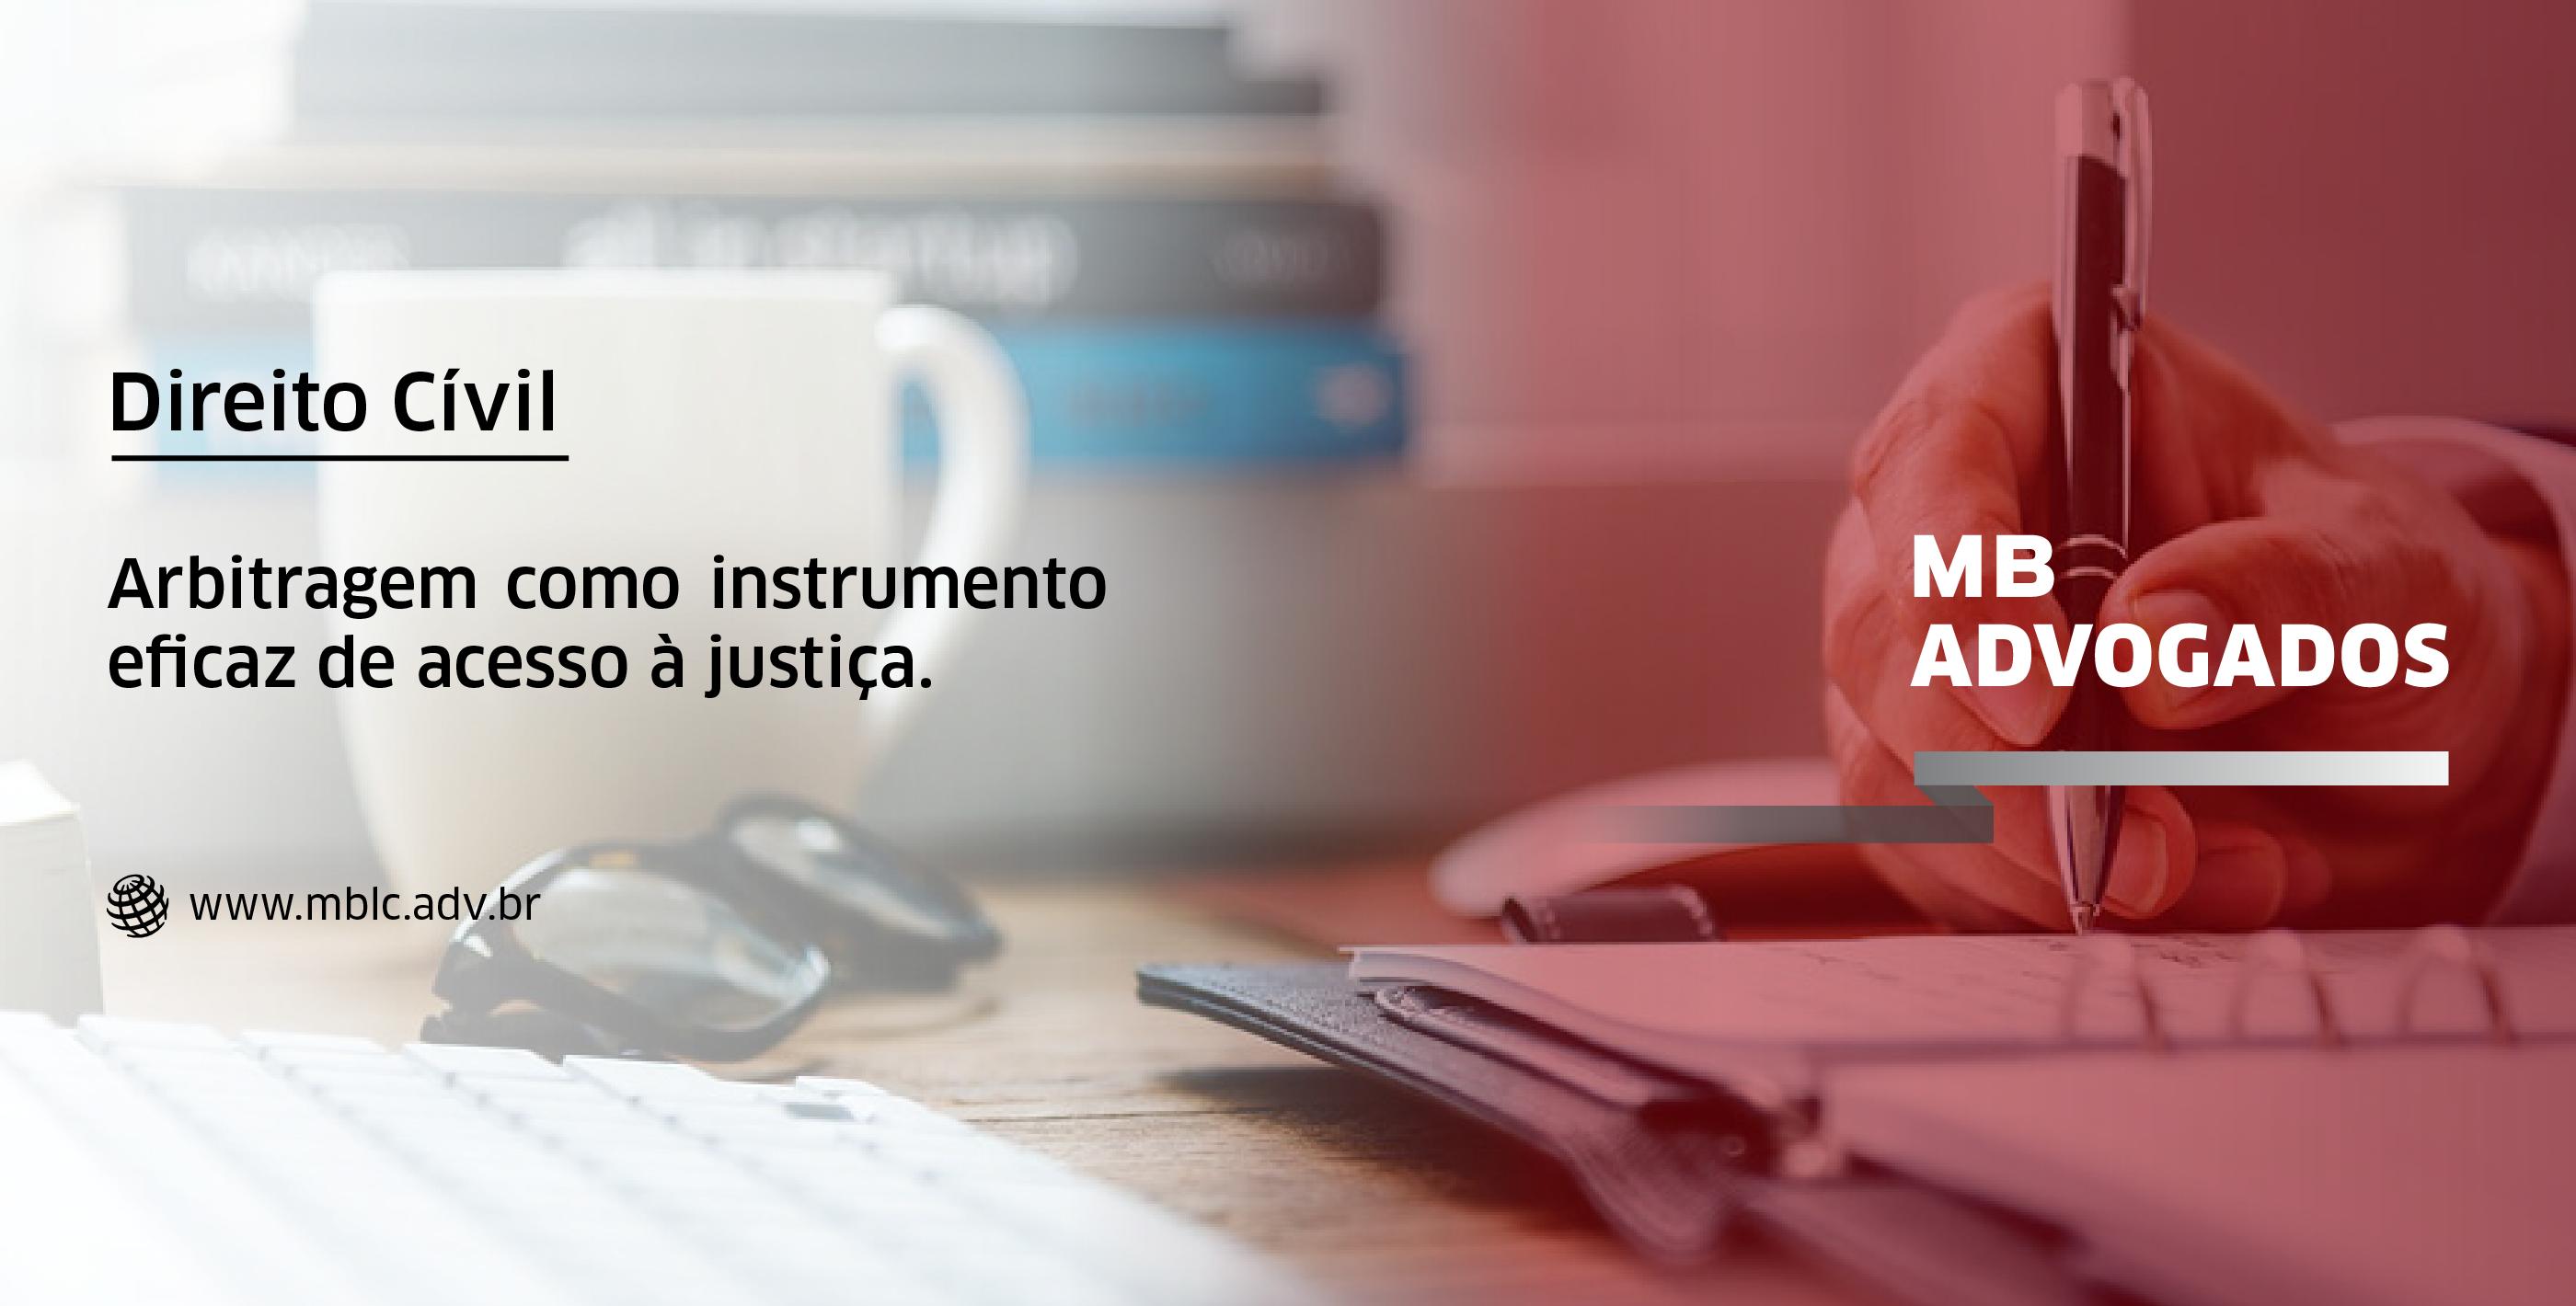 Arbitragem como instrumento eficaz de acesso à Justiça